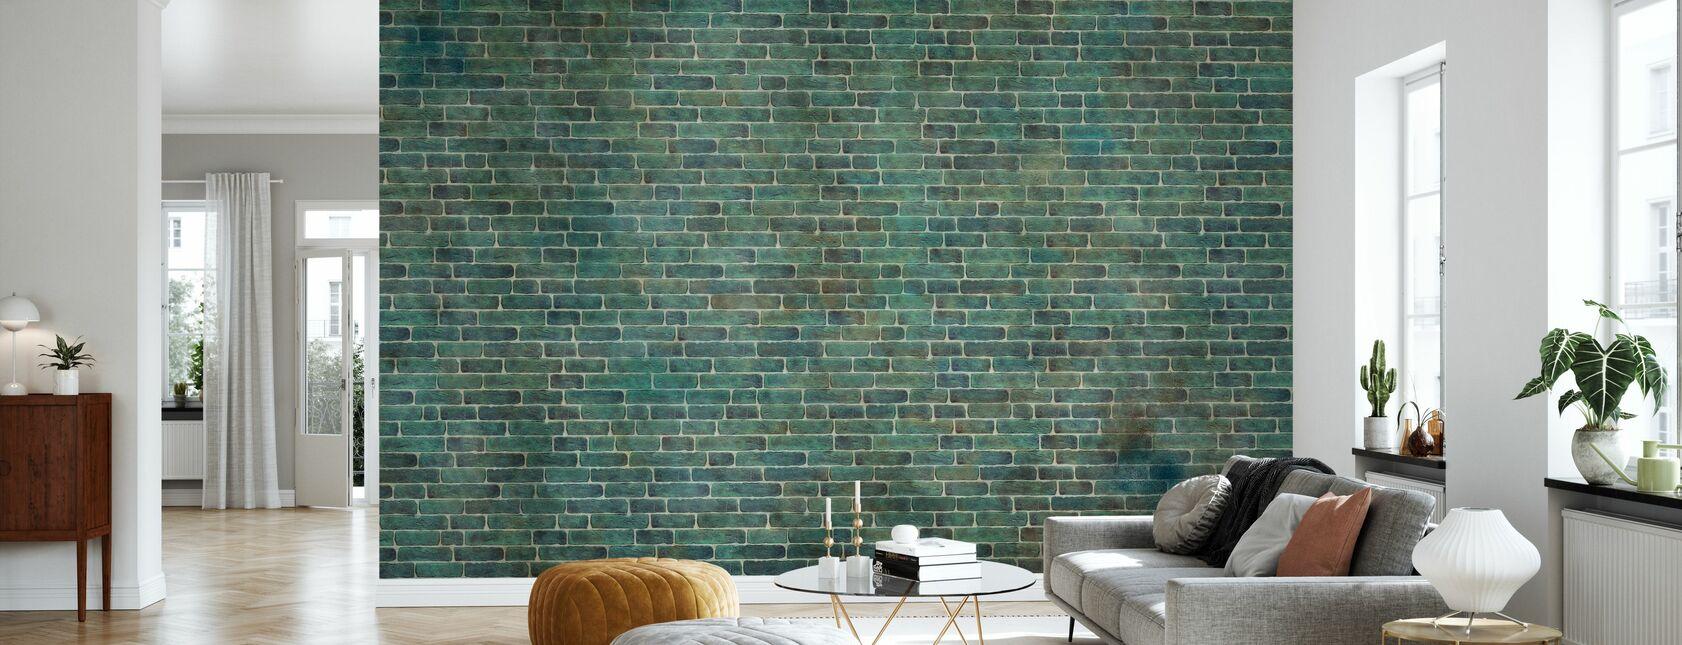 Muro di mattoni verdi - Carta da parati - Salotto